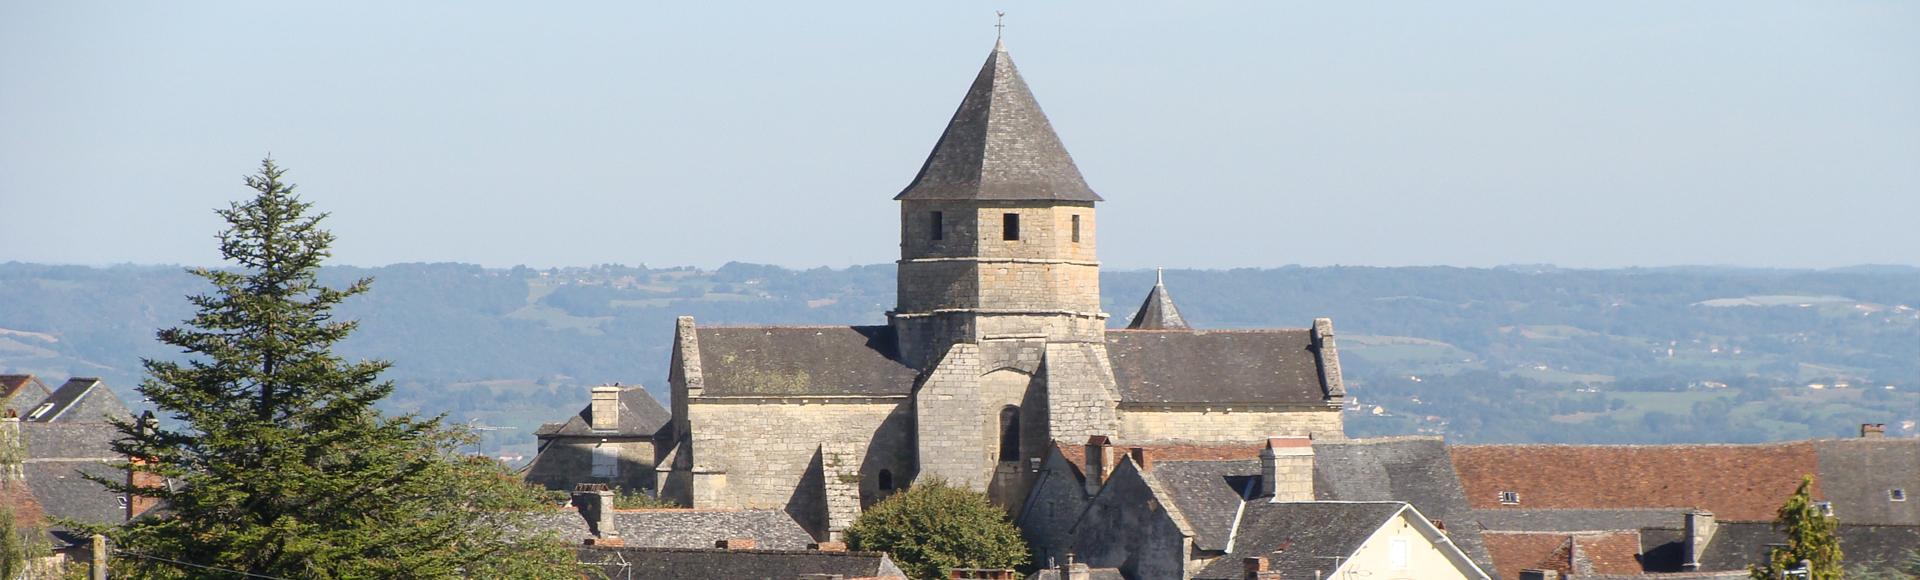 Son église romane du XIIème siècle